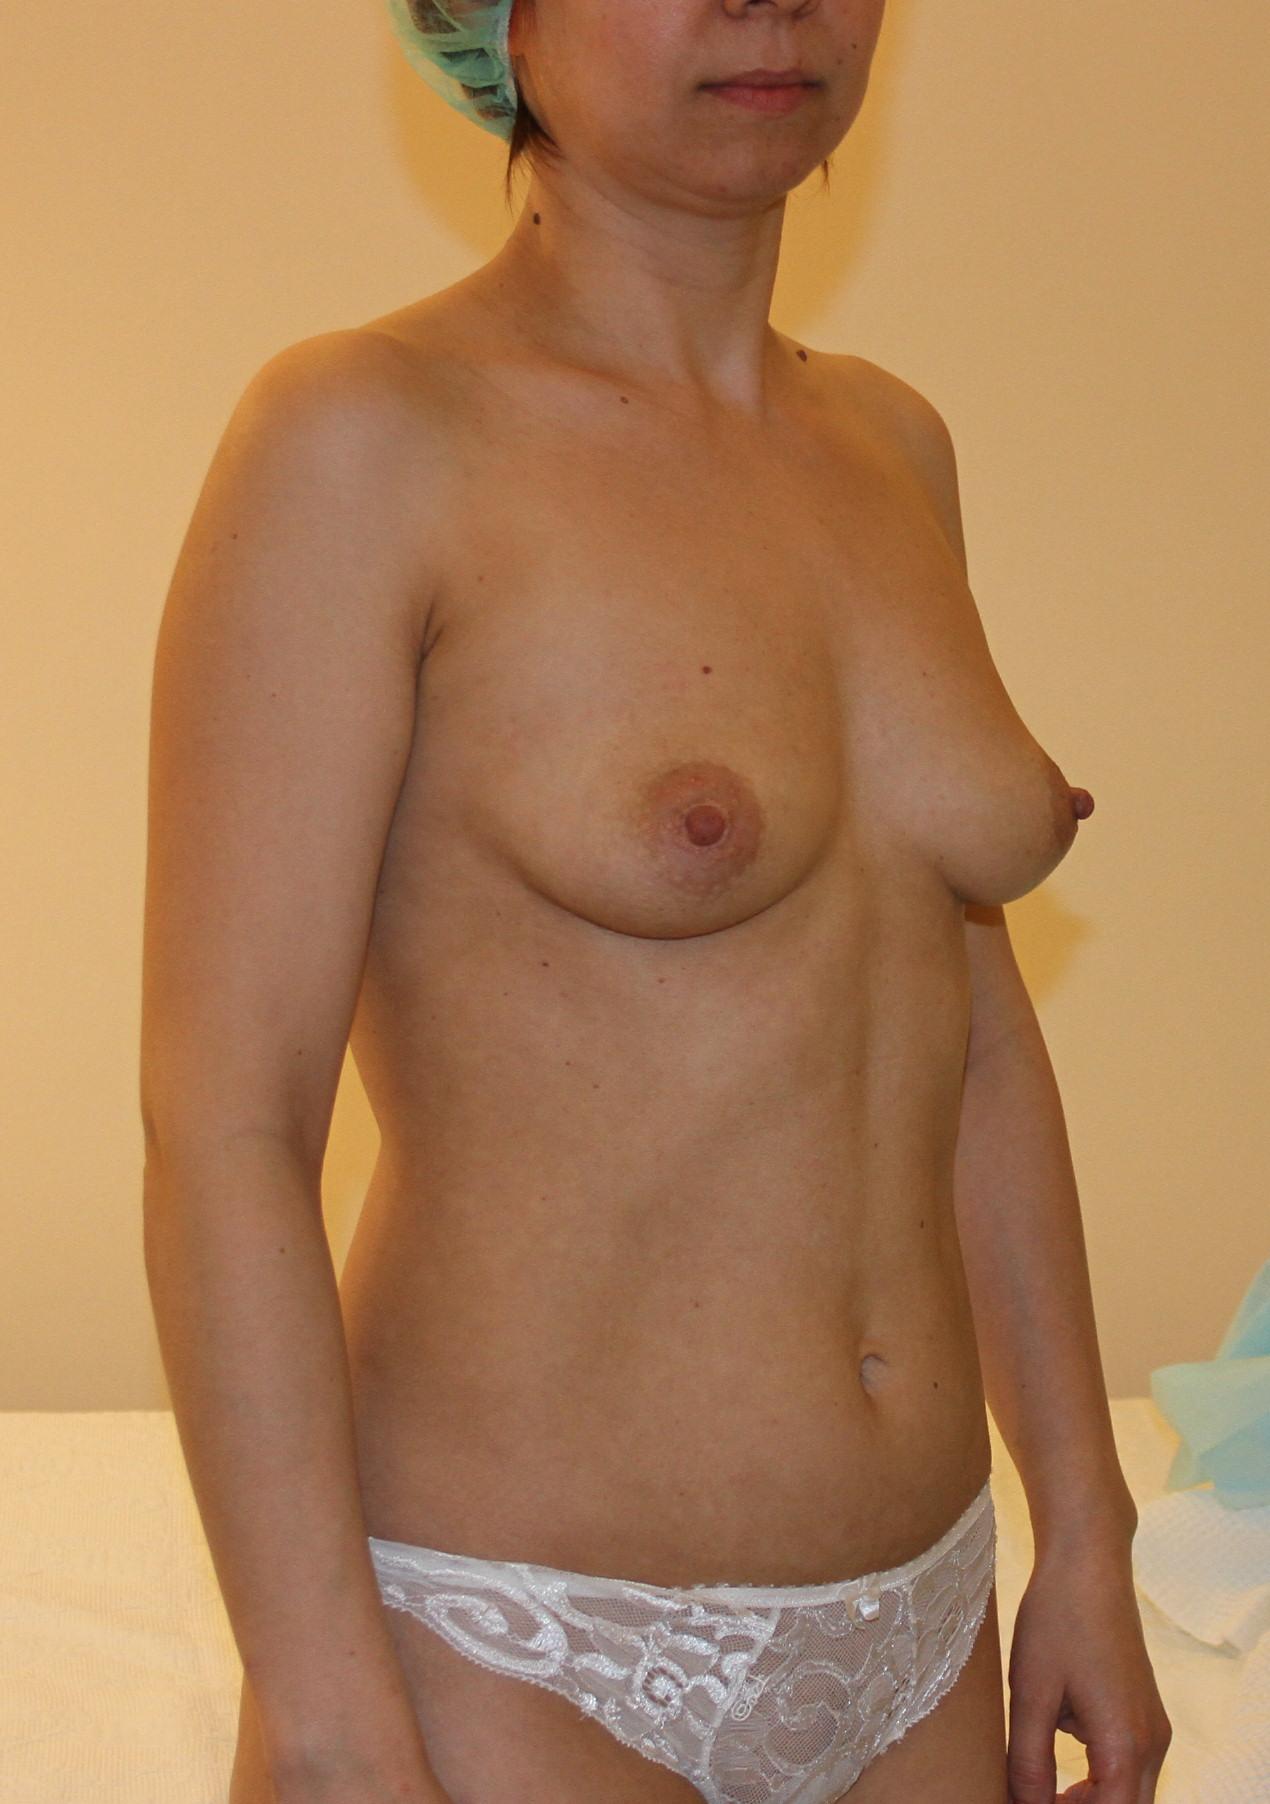 Реальные отзывы о креме для увеличения груди